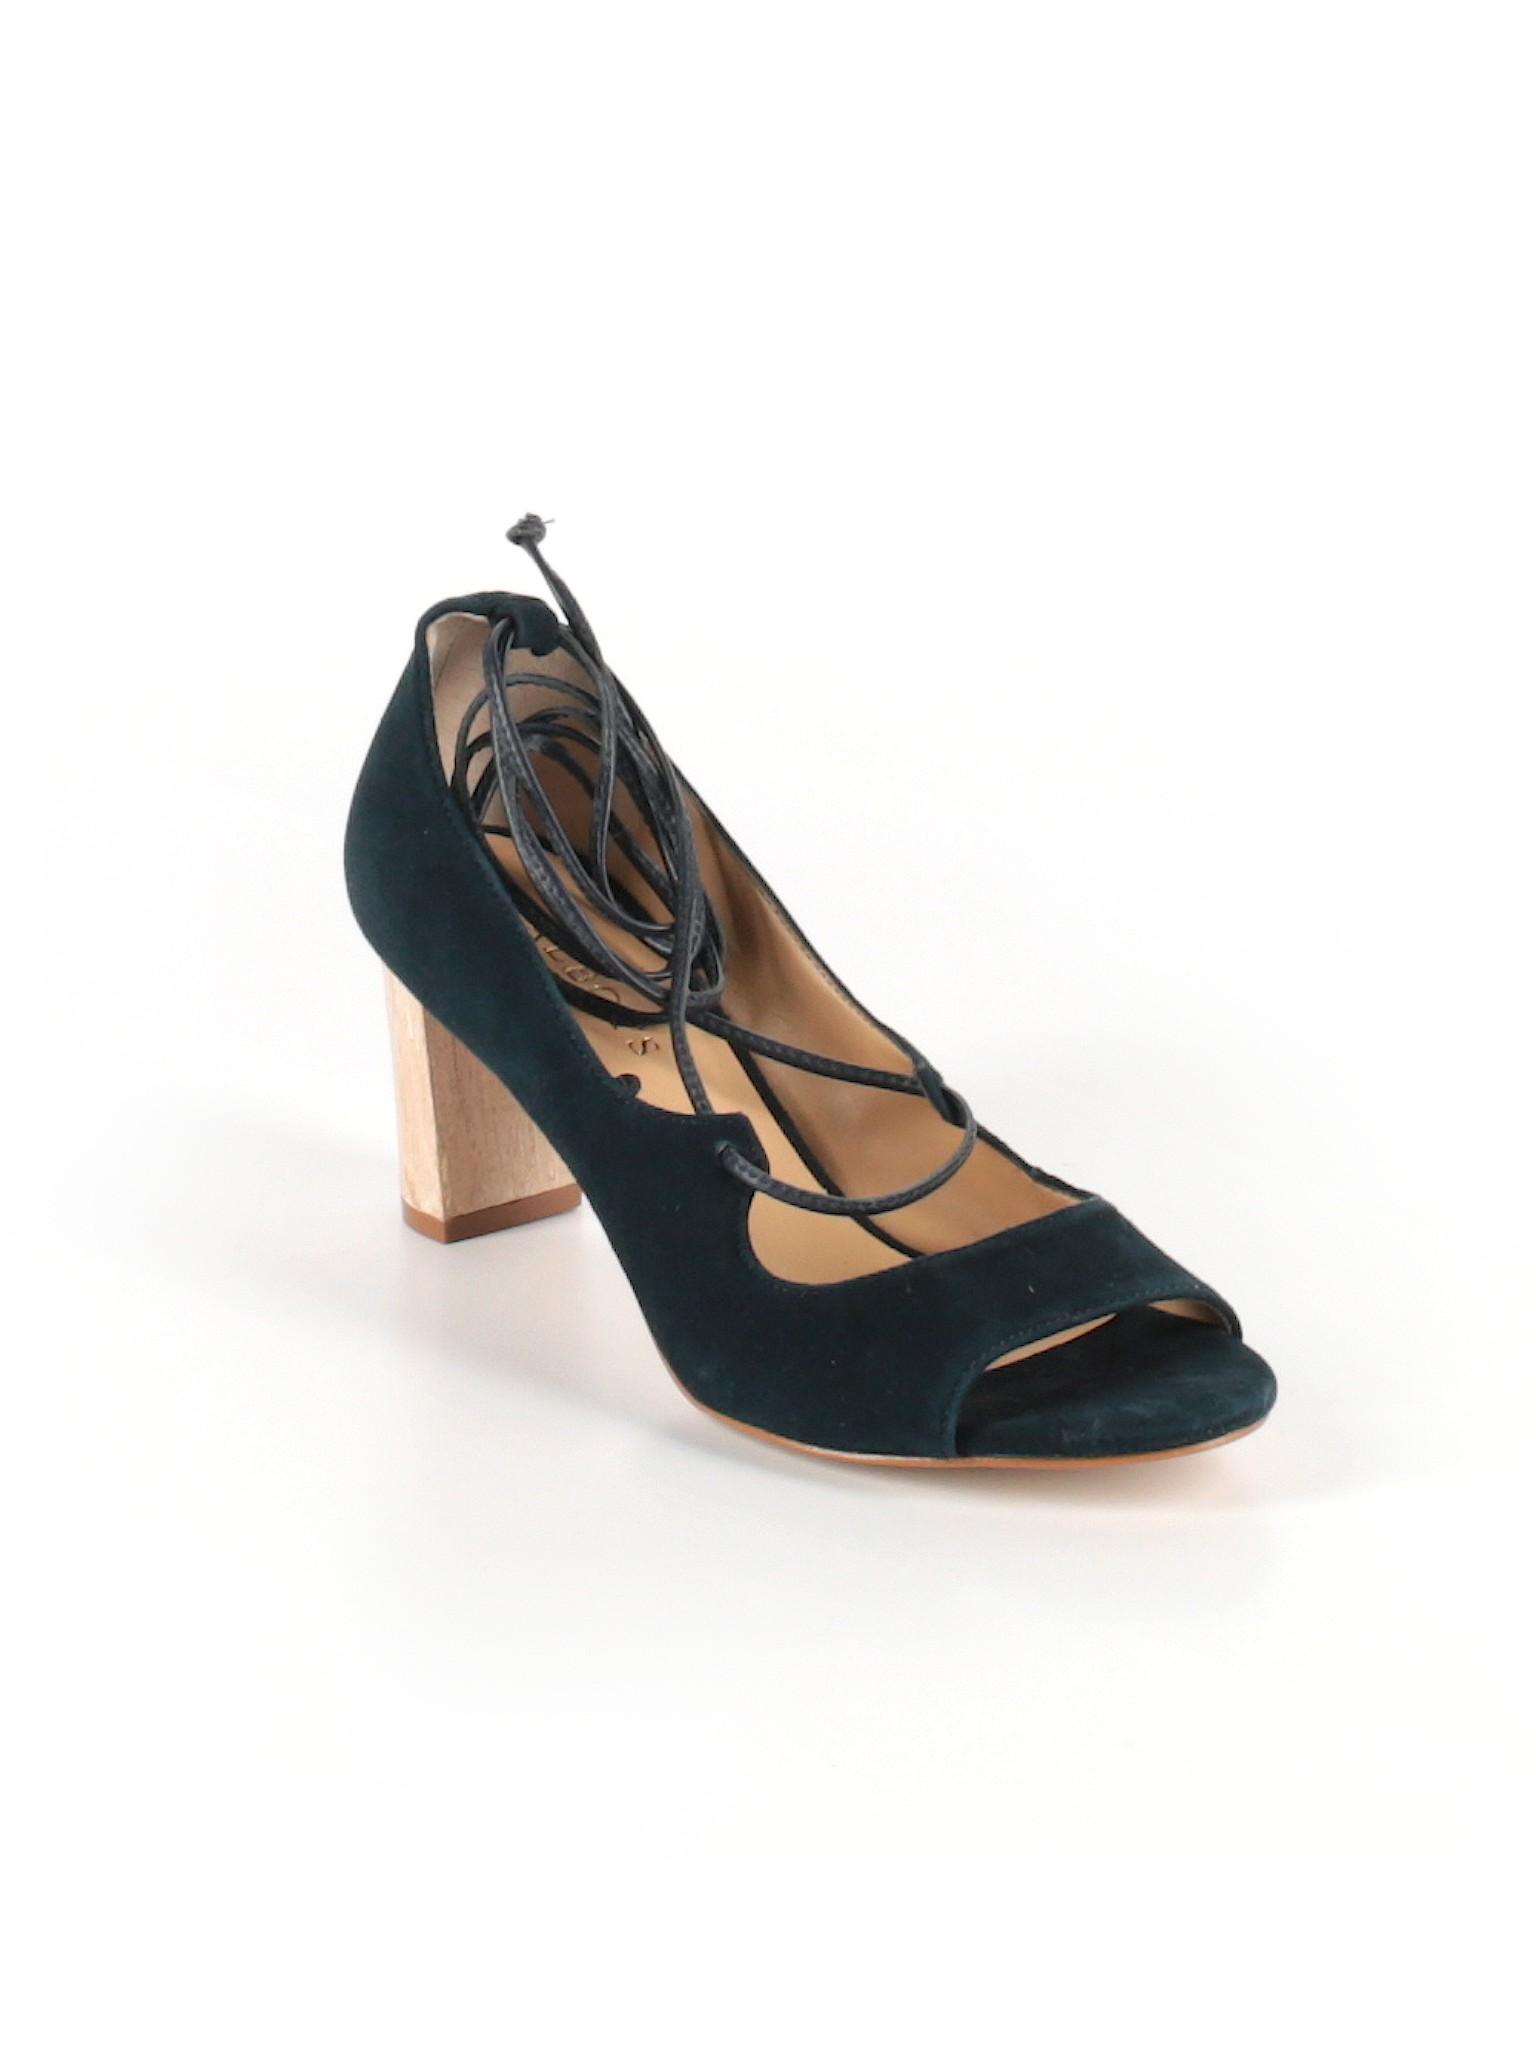 promotion Boutique Talbots Heels Boutique promotion x6SfxRw